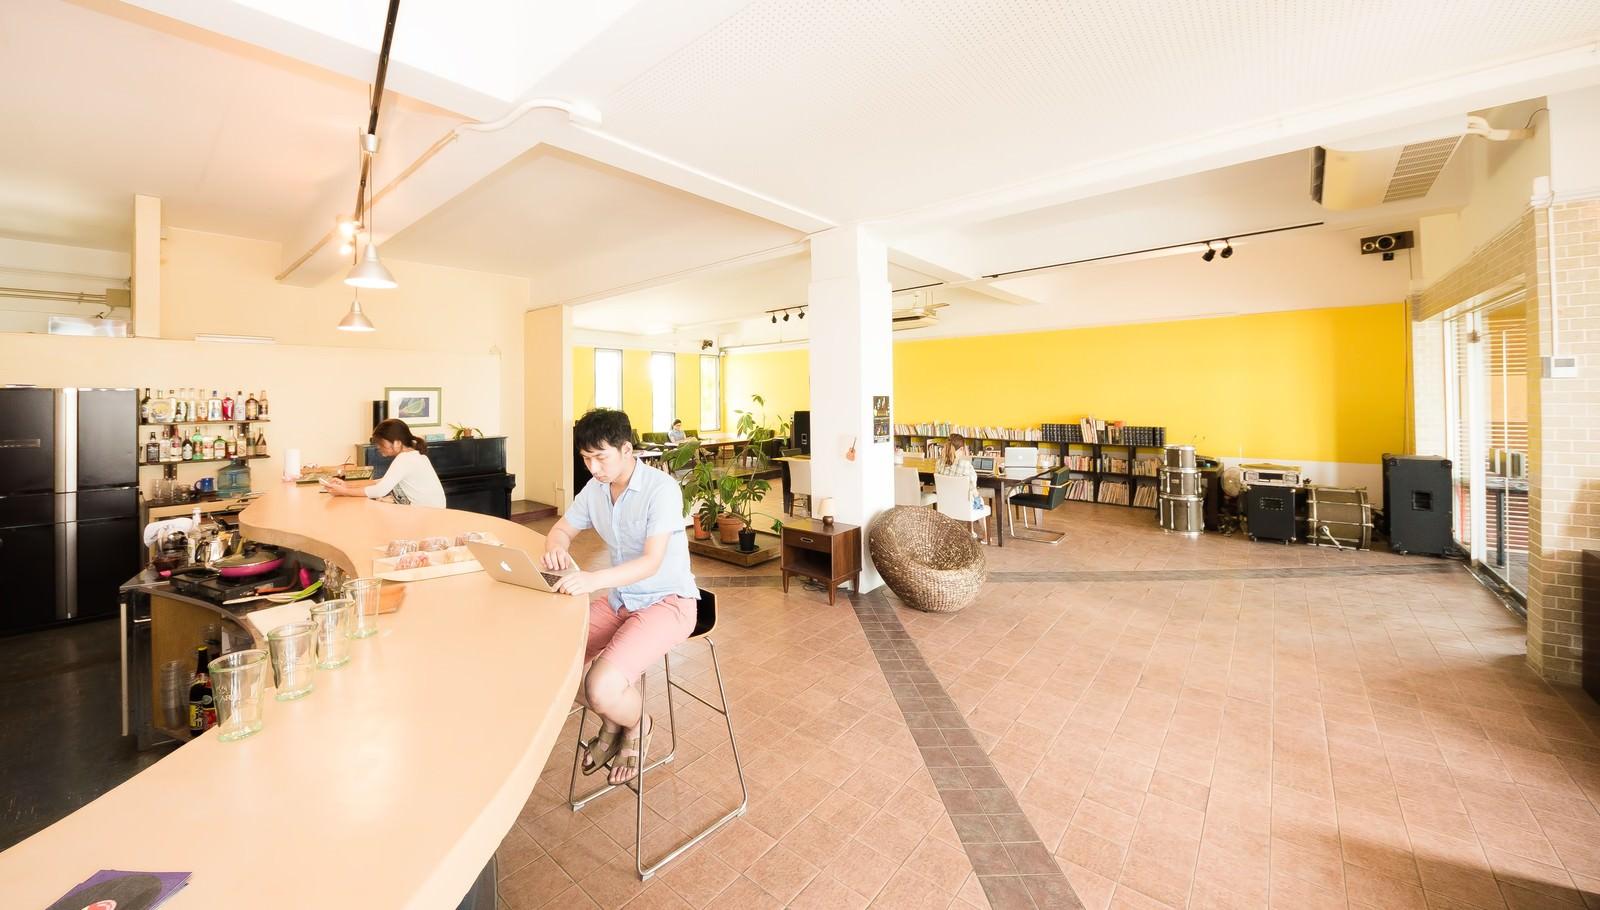 「コワーキングカフェのカウンターで作業をする男性」の写真[モデル:大川竜弥]